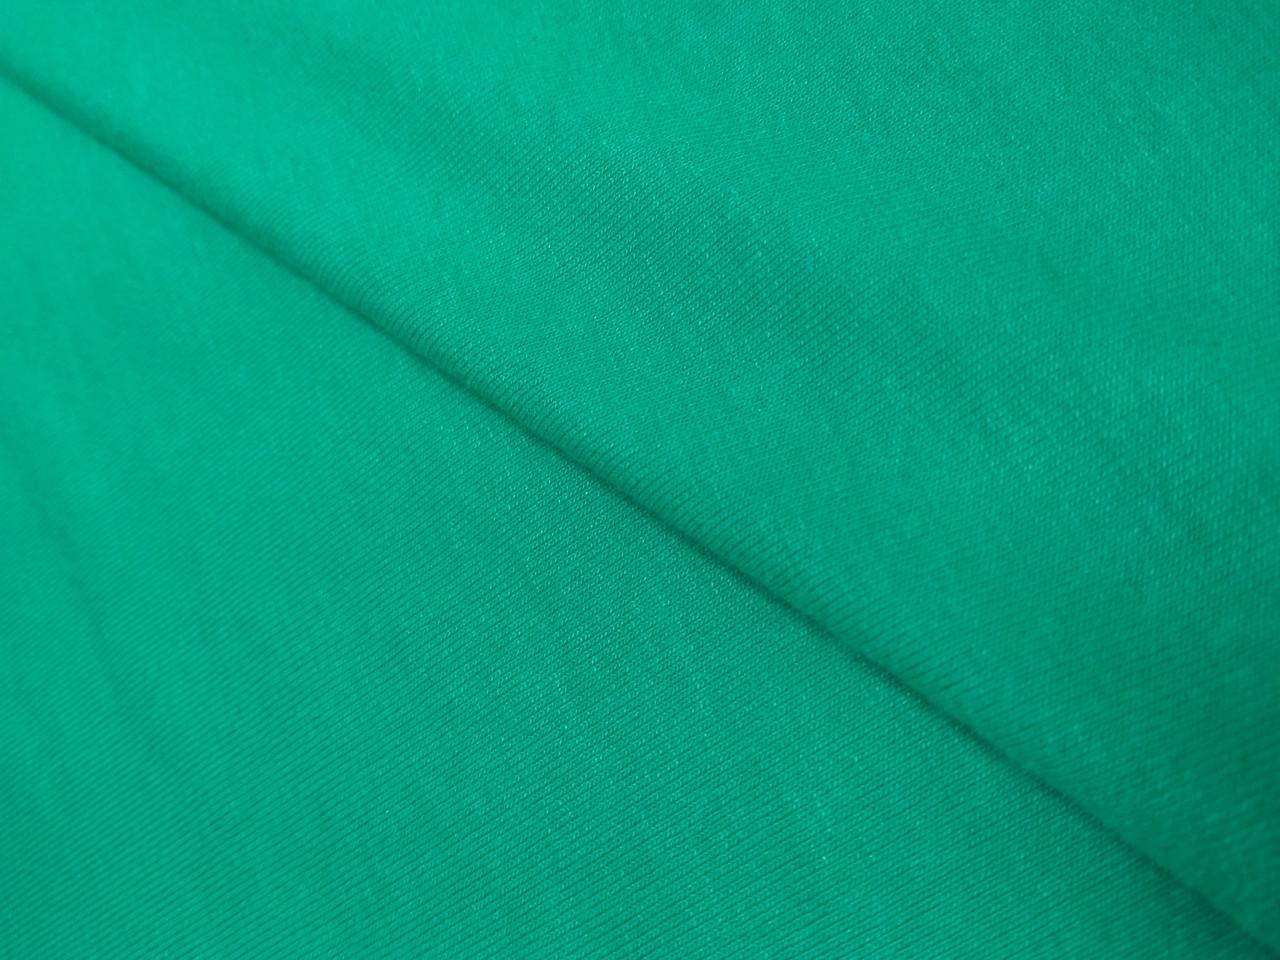 Вискозный трикотаж джерси, светло-зеленый